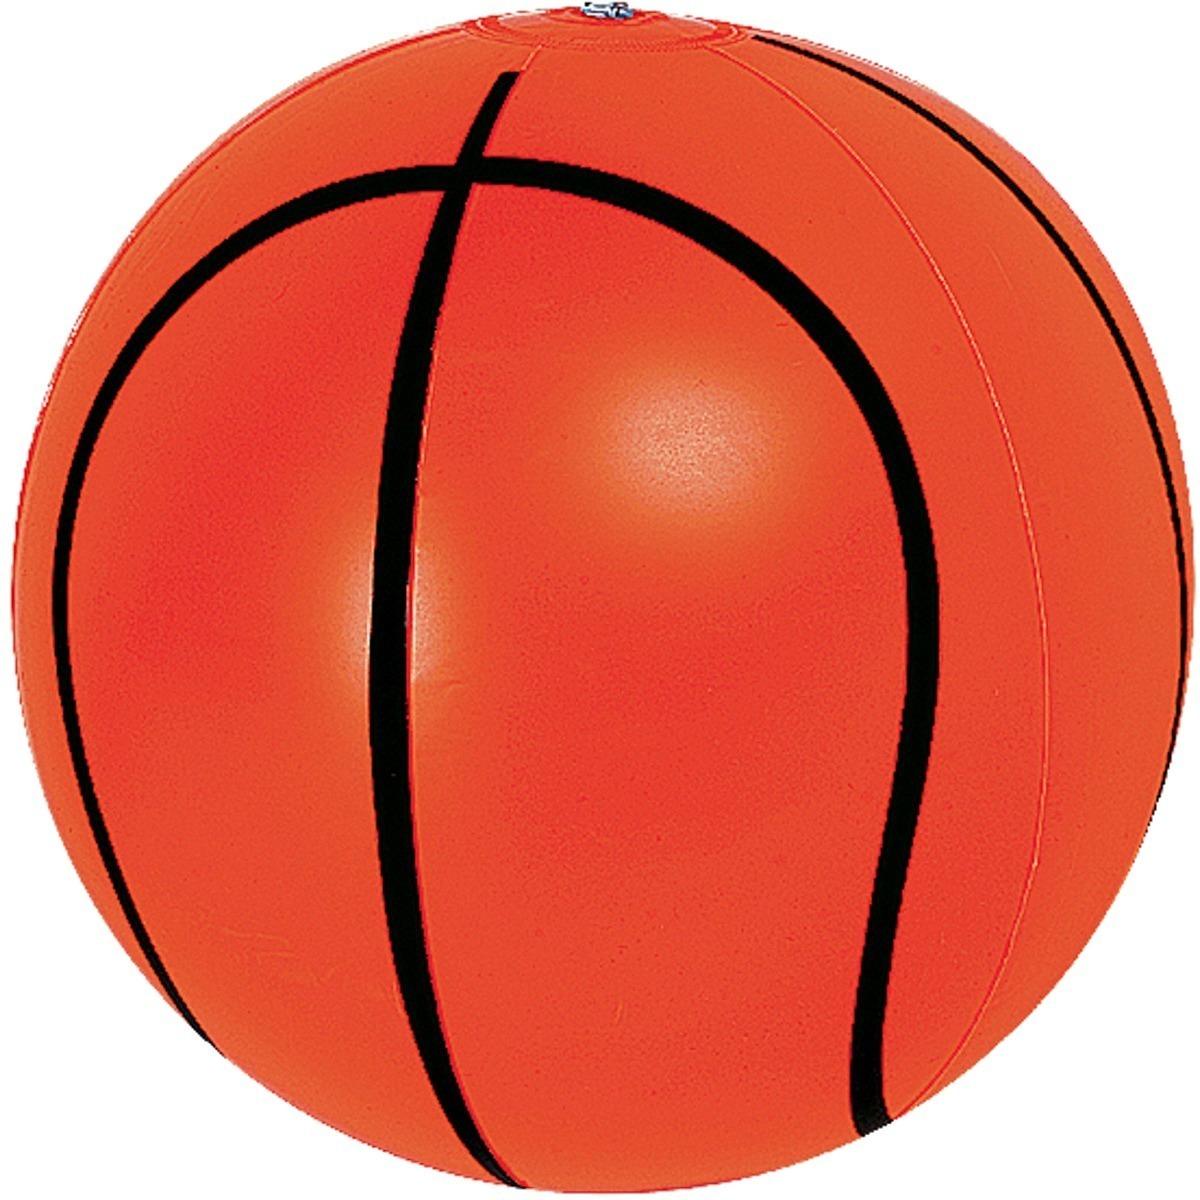 d7d15b69 Pelota Inflable Pileta Playa Jilong Voley Futbol Basket 40cm - $ 70 ...